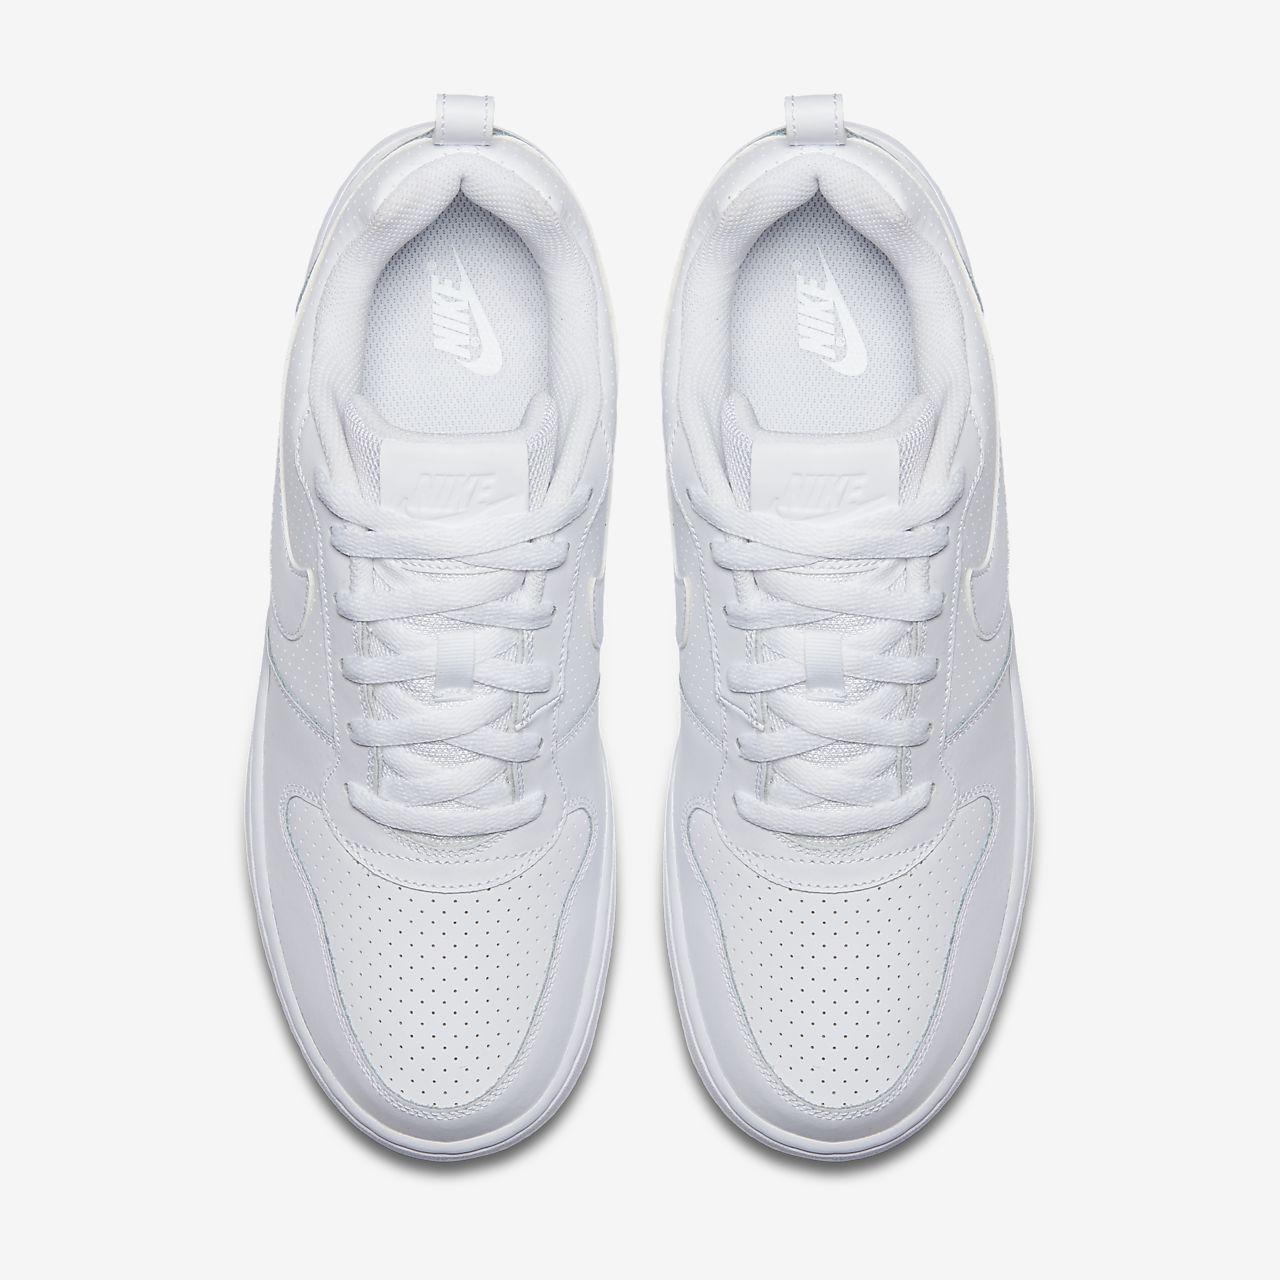 premium selection 8c7a7 a35ea ... NikeCourt Borough Low Men s Shoe